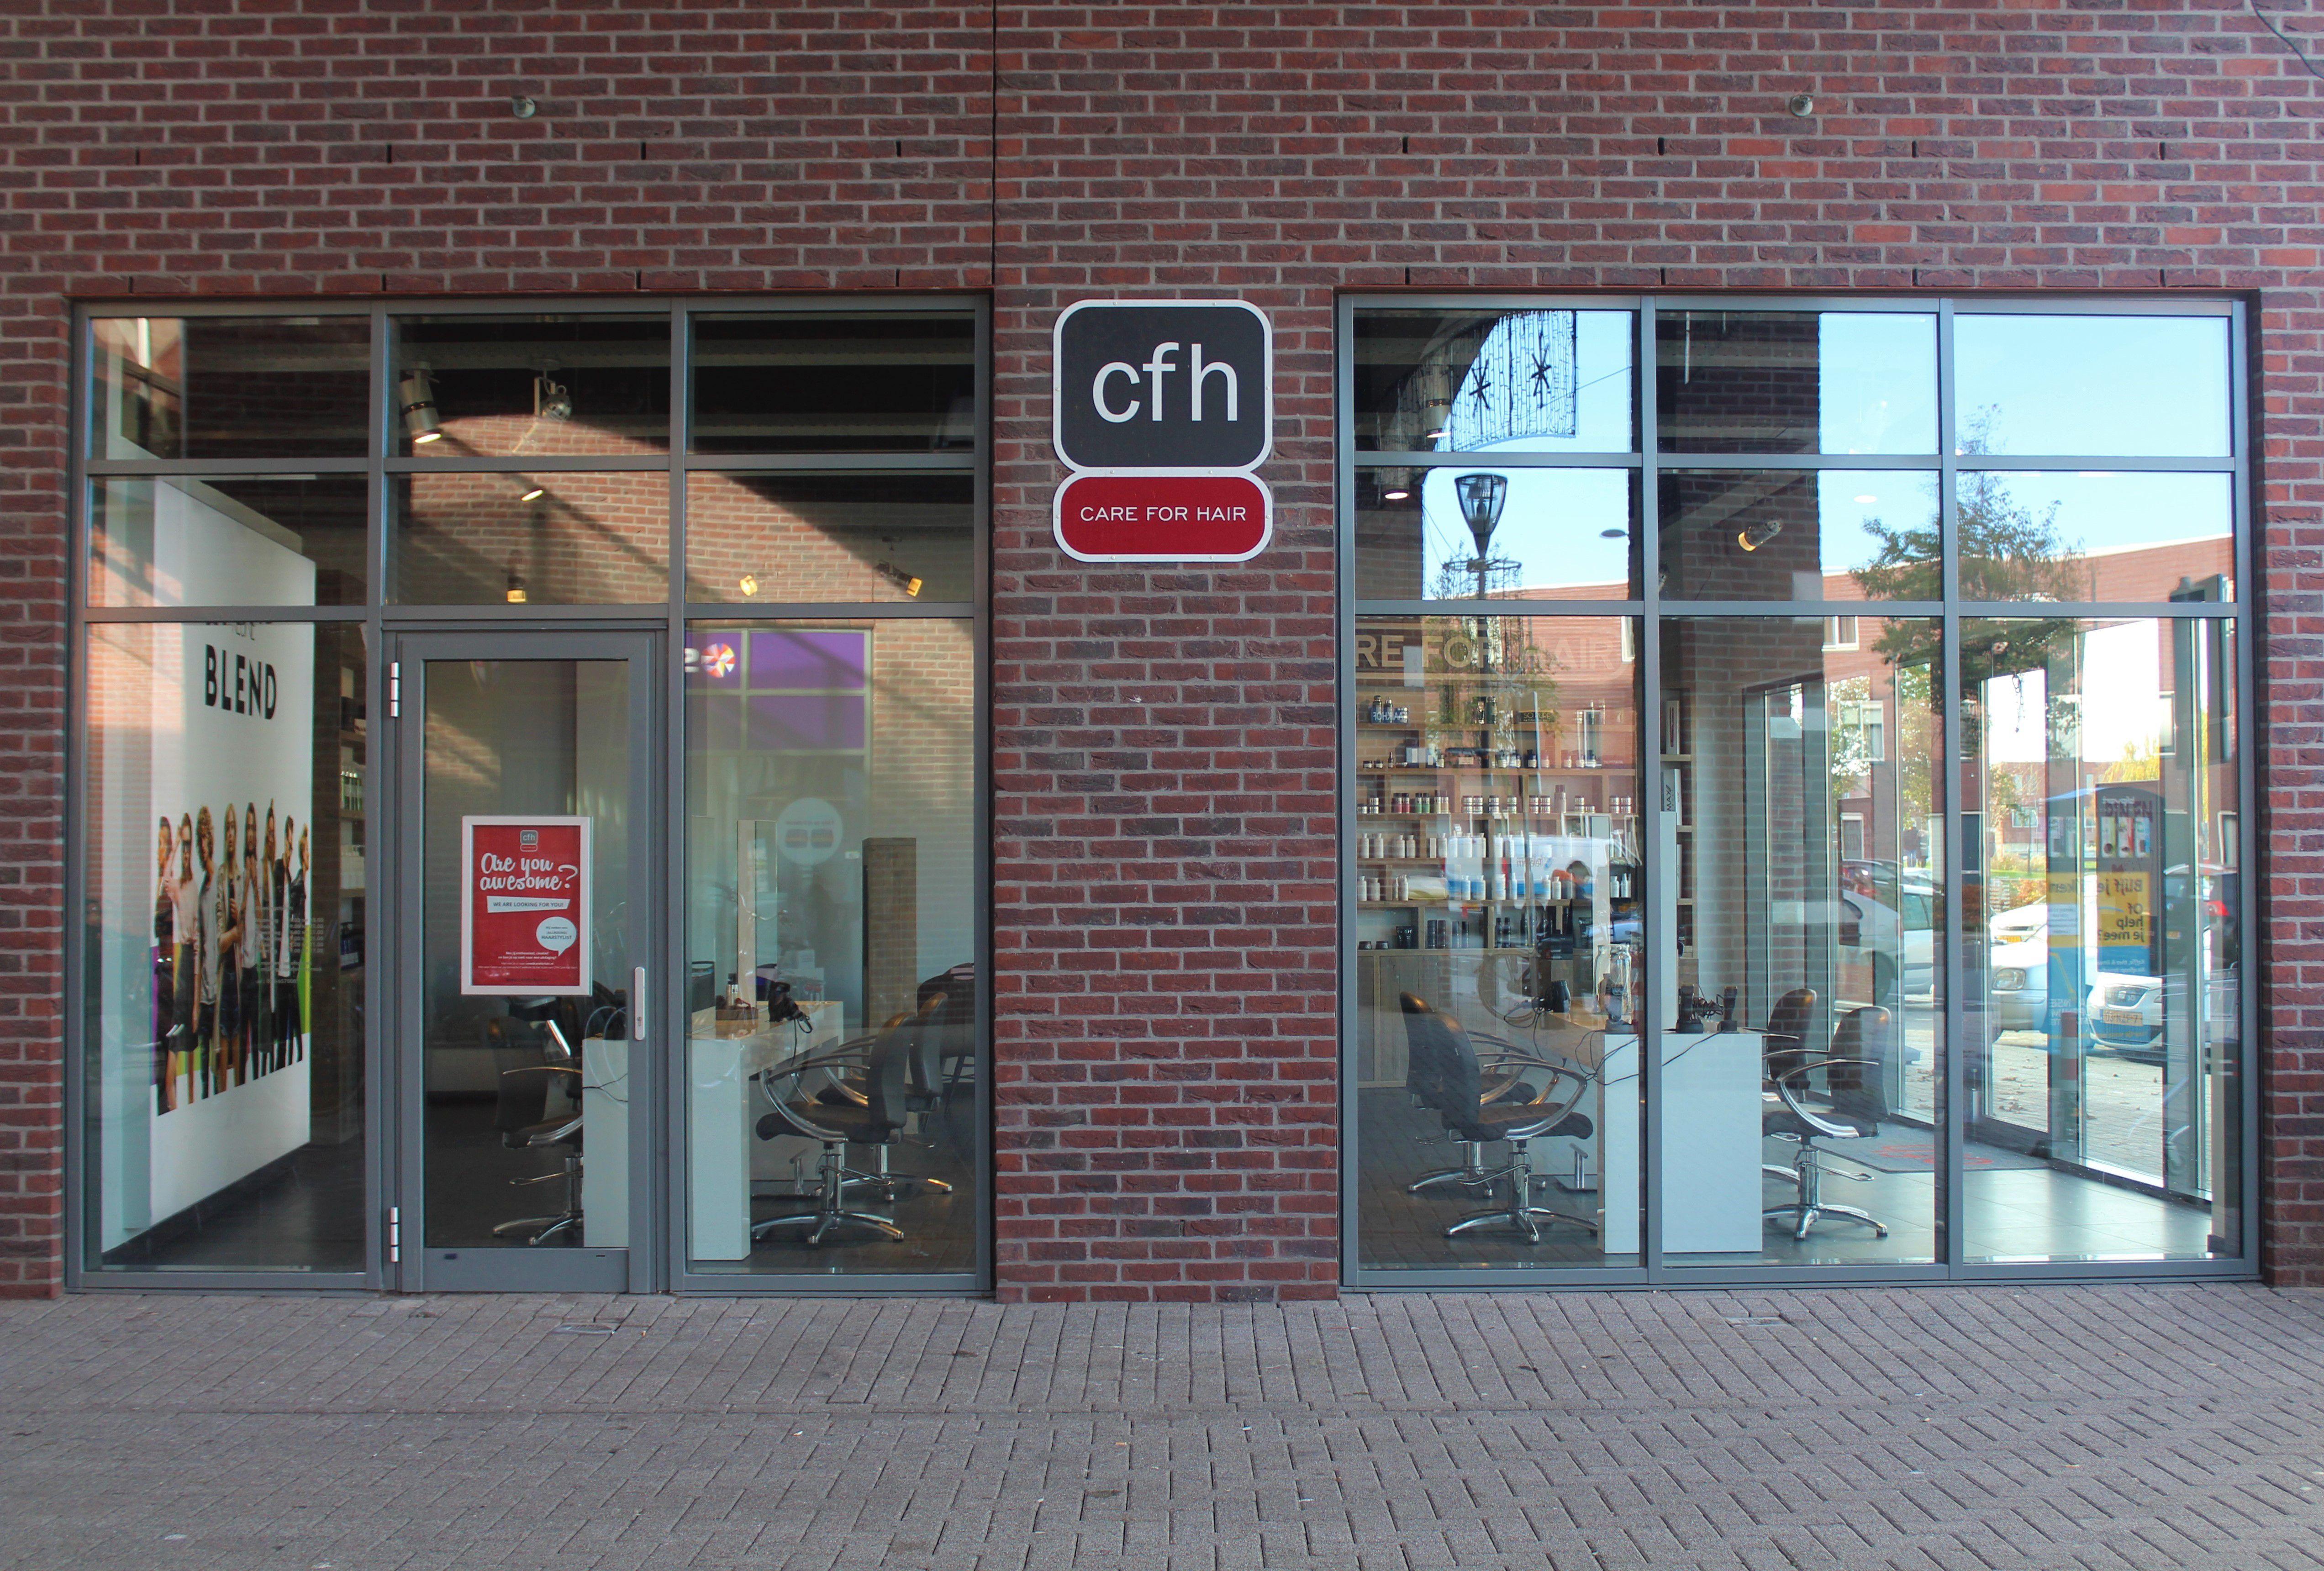 Cfh Assendelft Winkelcentrum De Saen Winkelcentrum Kapper